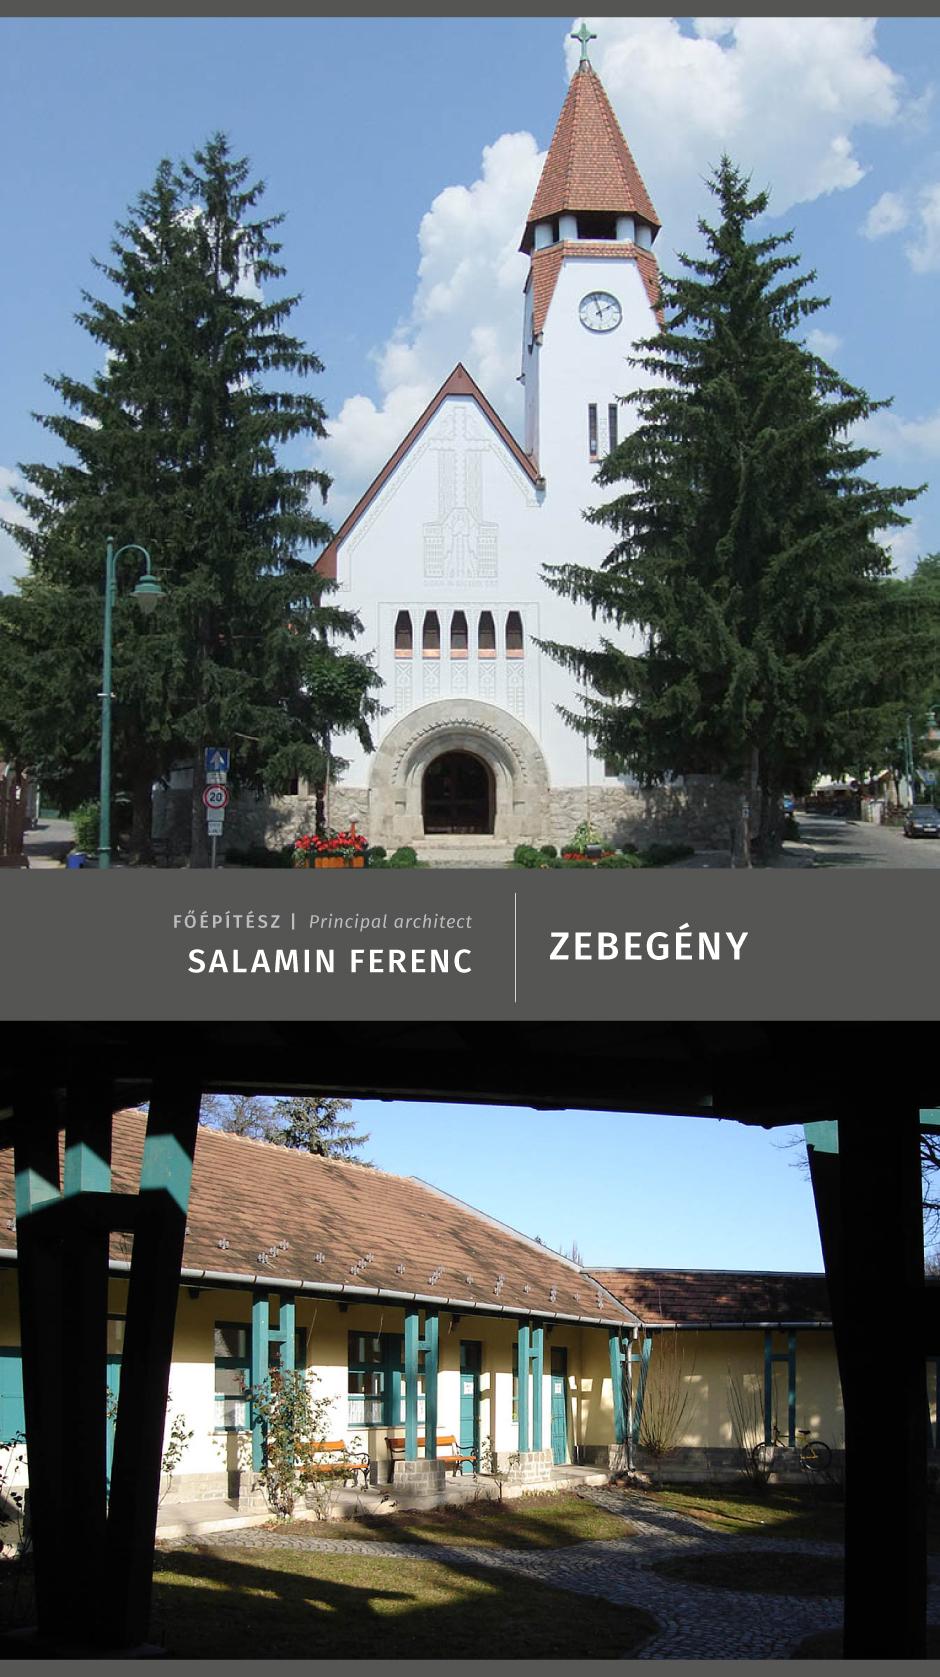 tablo_zebegeny-940x1677